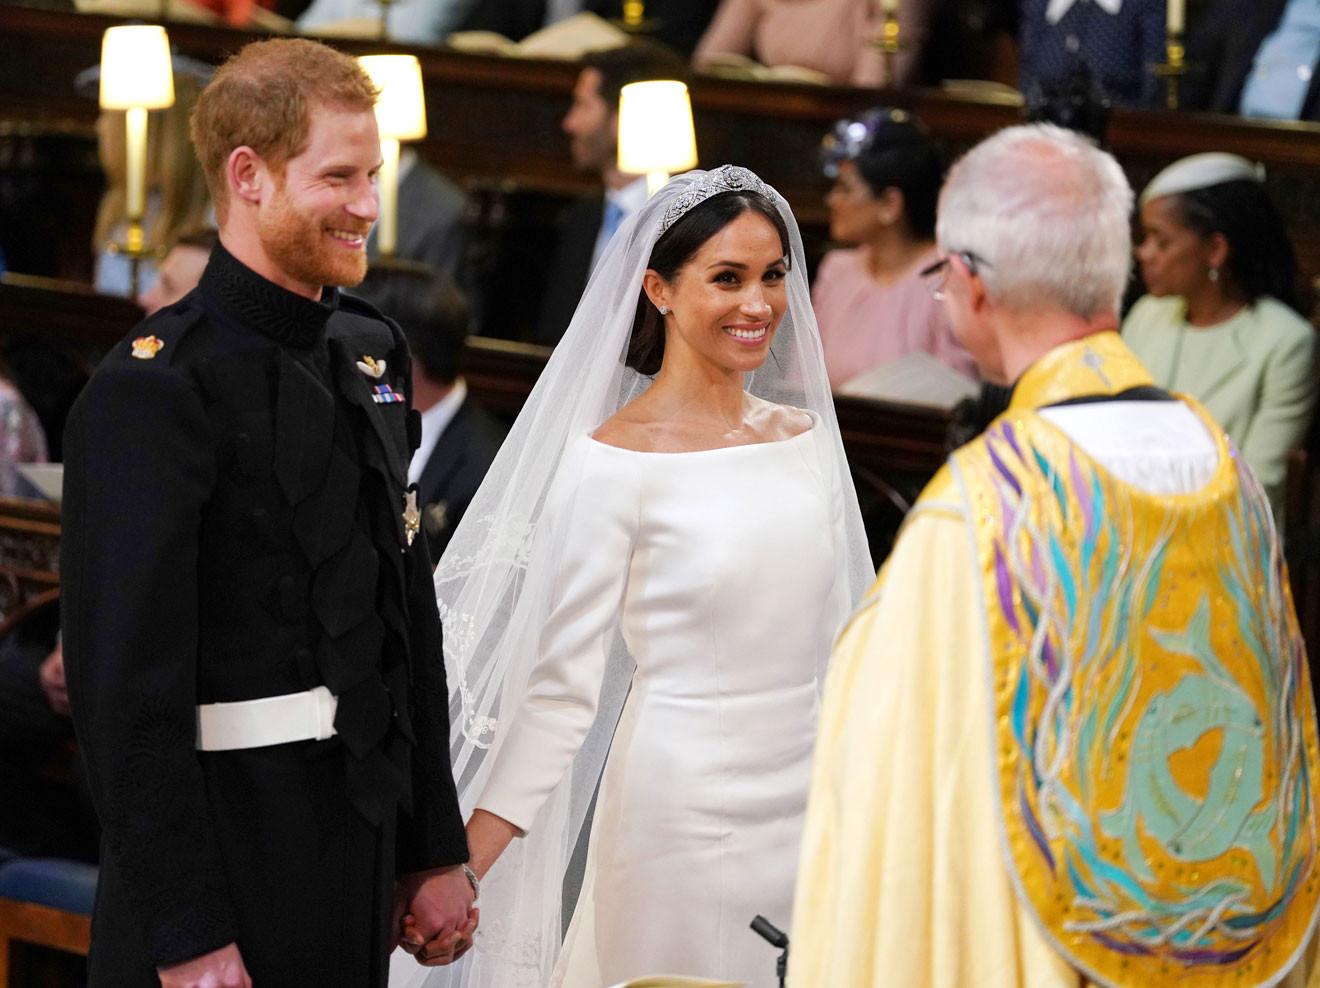 Gästeliste Hochzeit Prinz Harry  Prinz Harry & Meghan Markle So schön war ihre Hochzeit in